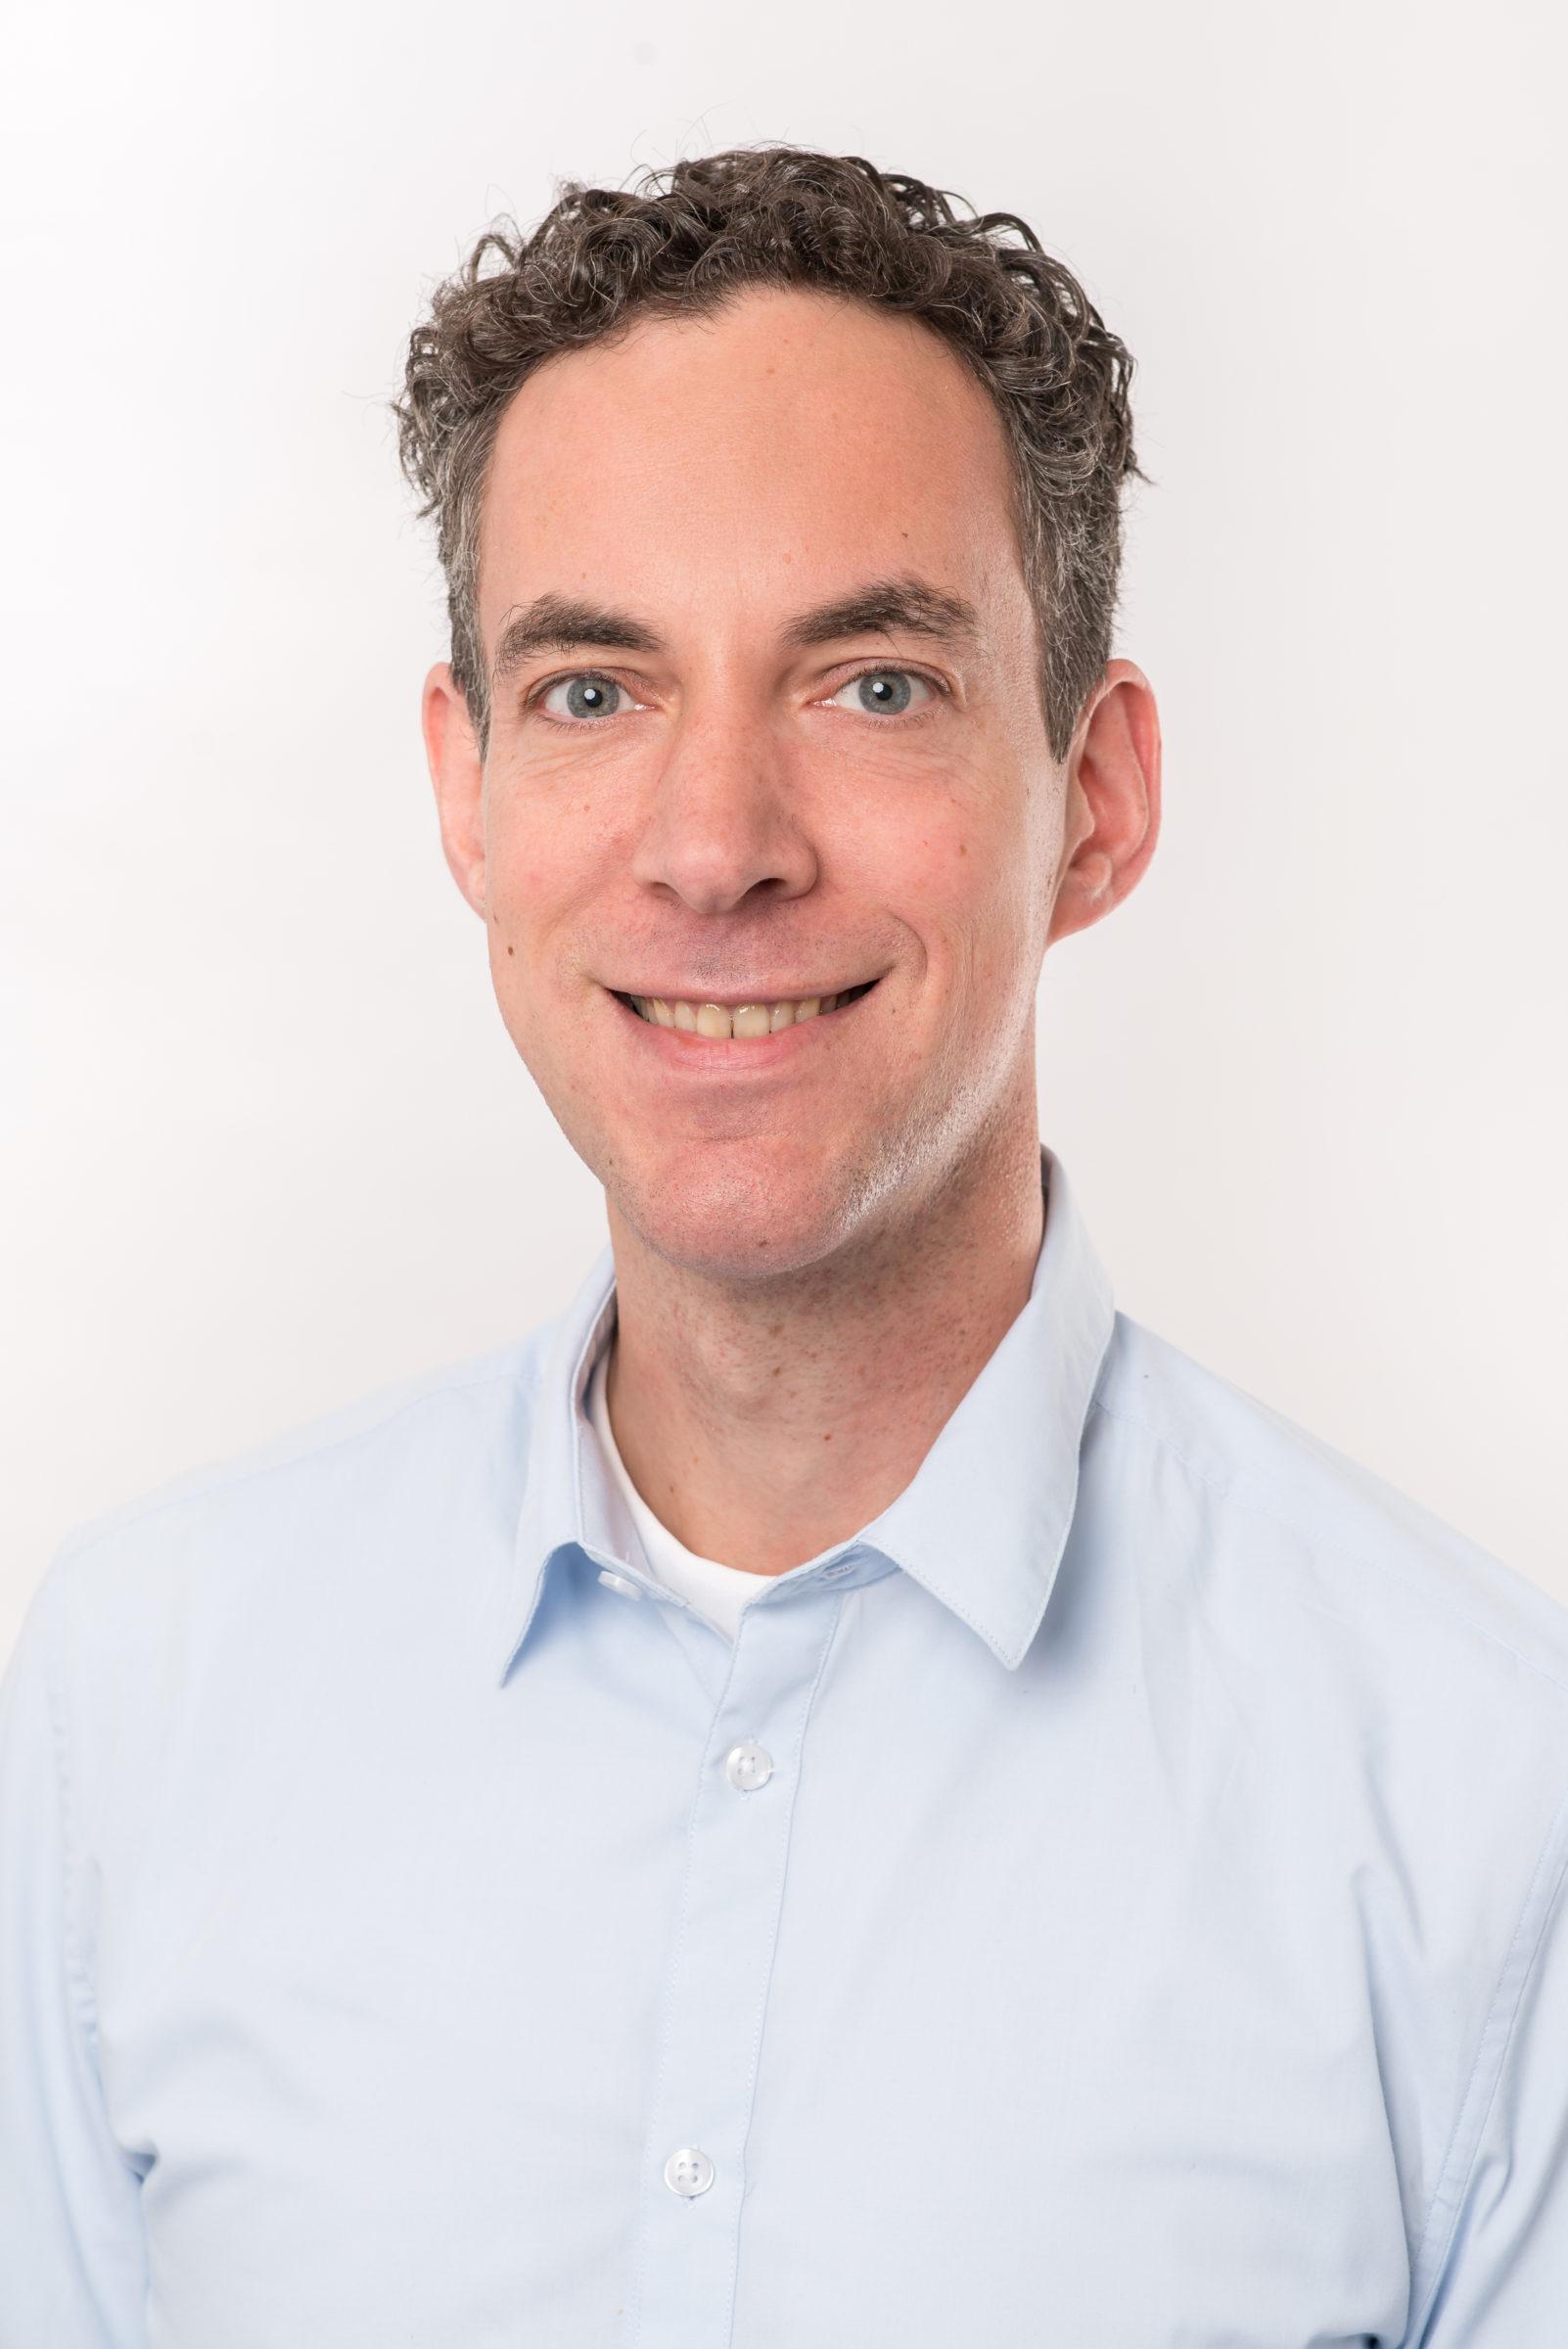 Portretfoto van medewerker Joost Hermus